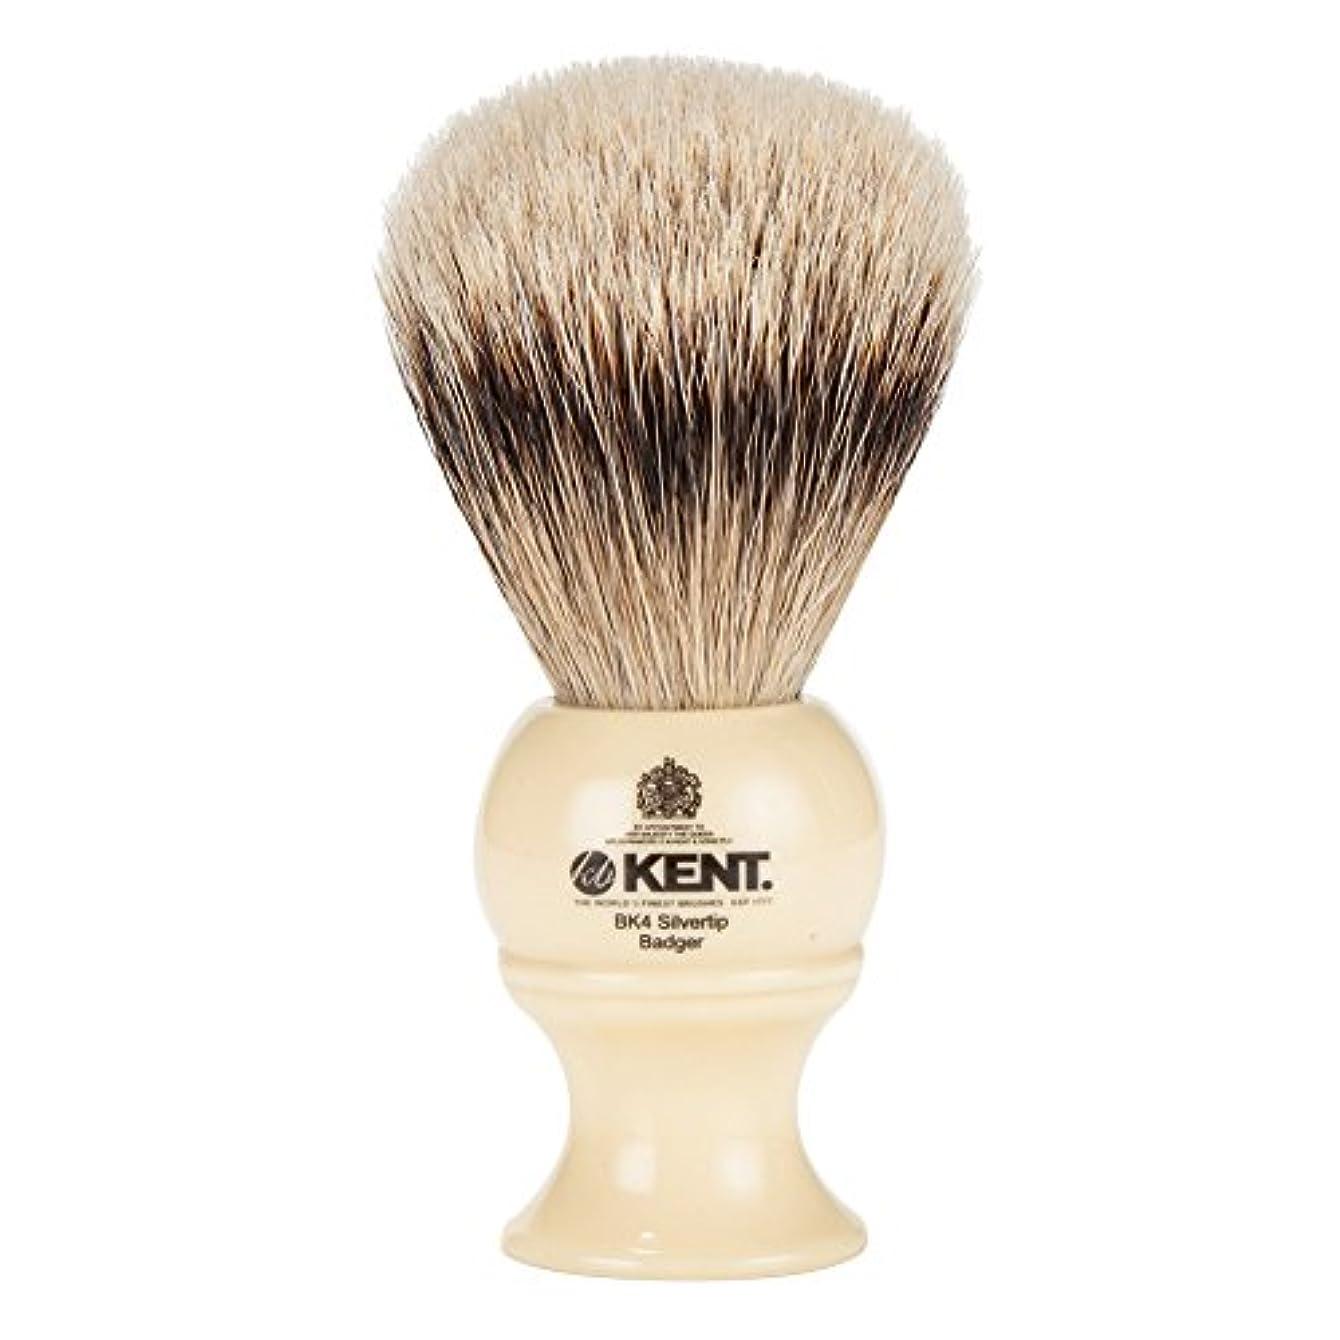 芝生甥膜[ ケント ブラシ ] Kent Brush シルバーチップアナグマ シェービングブラシ (Mサイズ) BK4 ホワイト 髭剃り [並行輸入品]